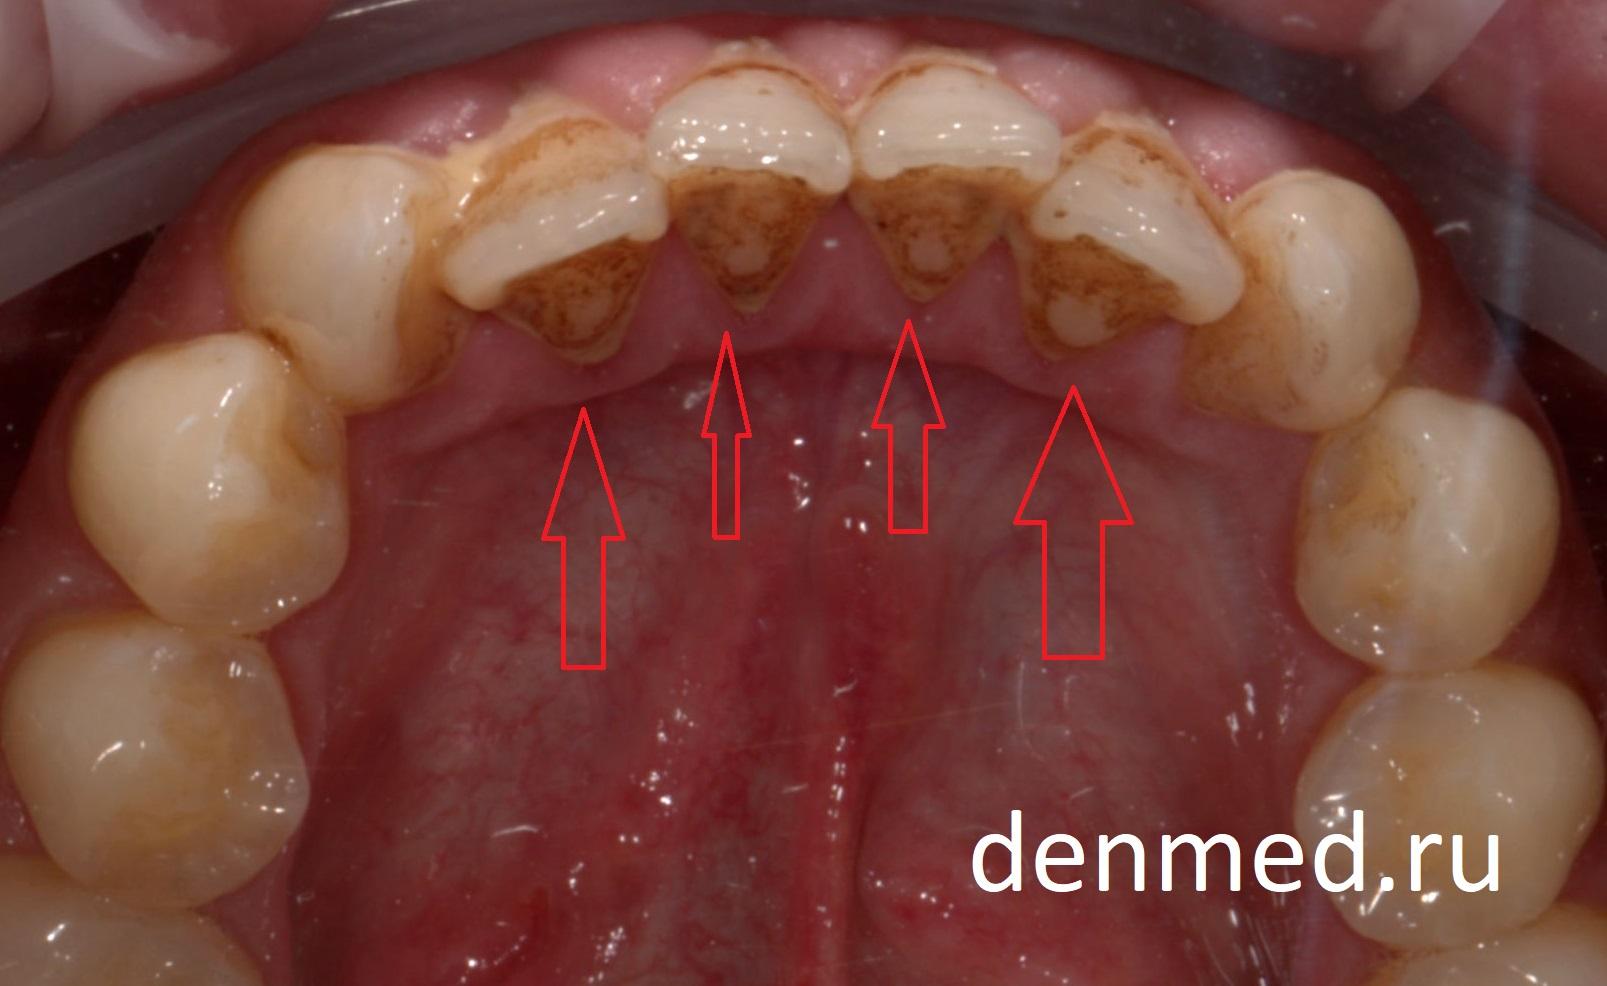 В основном зубной налет скапливается в местах, затрудненных для гигиены по причине скученности зубов